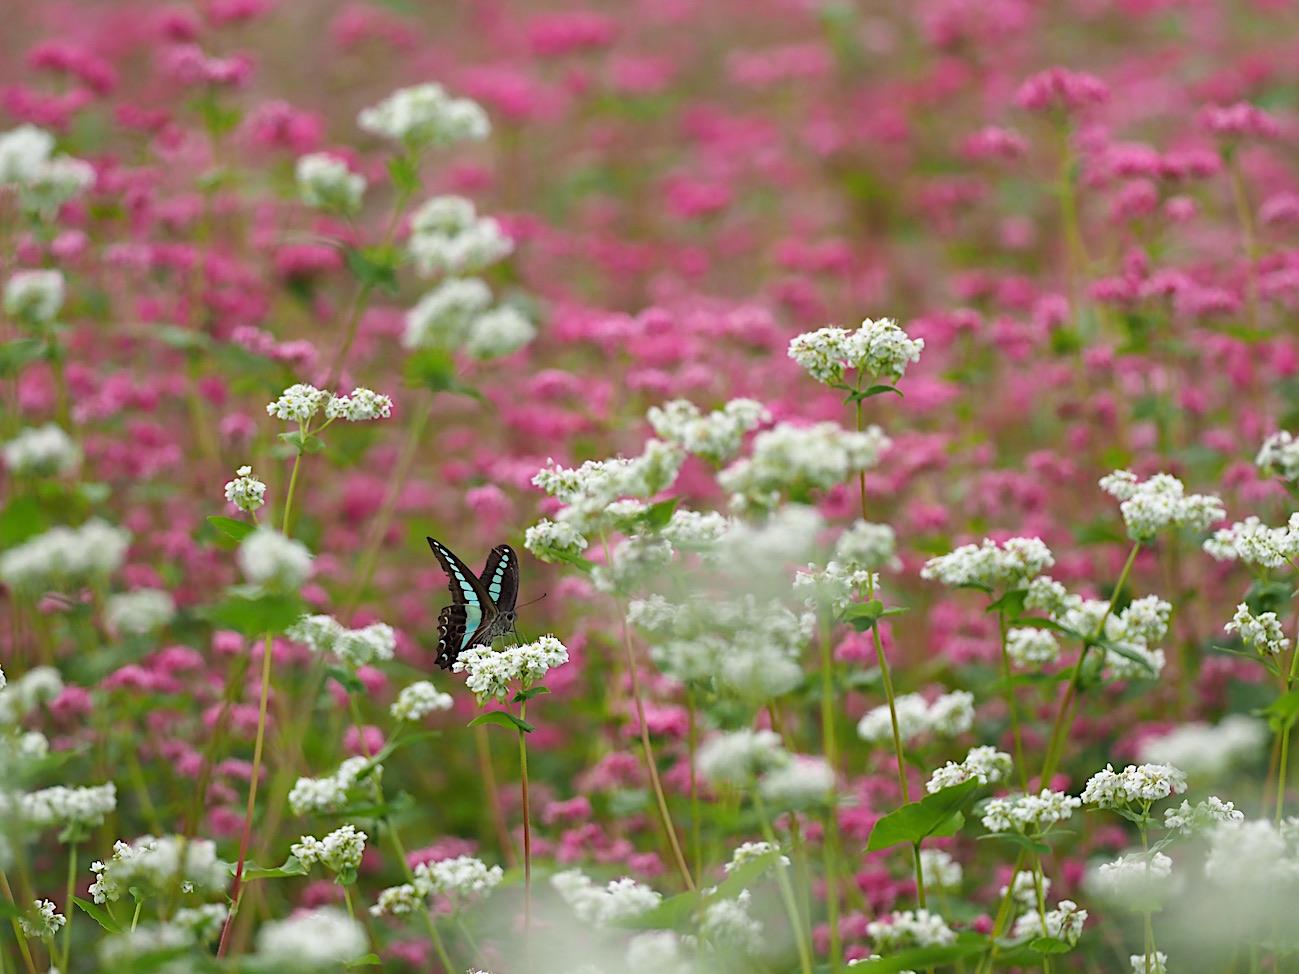 300ミリで撮ってみたトンボと蝶(2017年10月6日)_d0303129_14292518.jpg